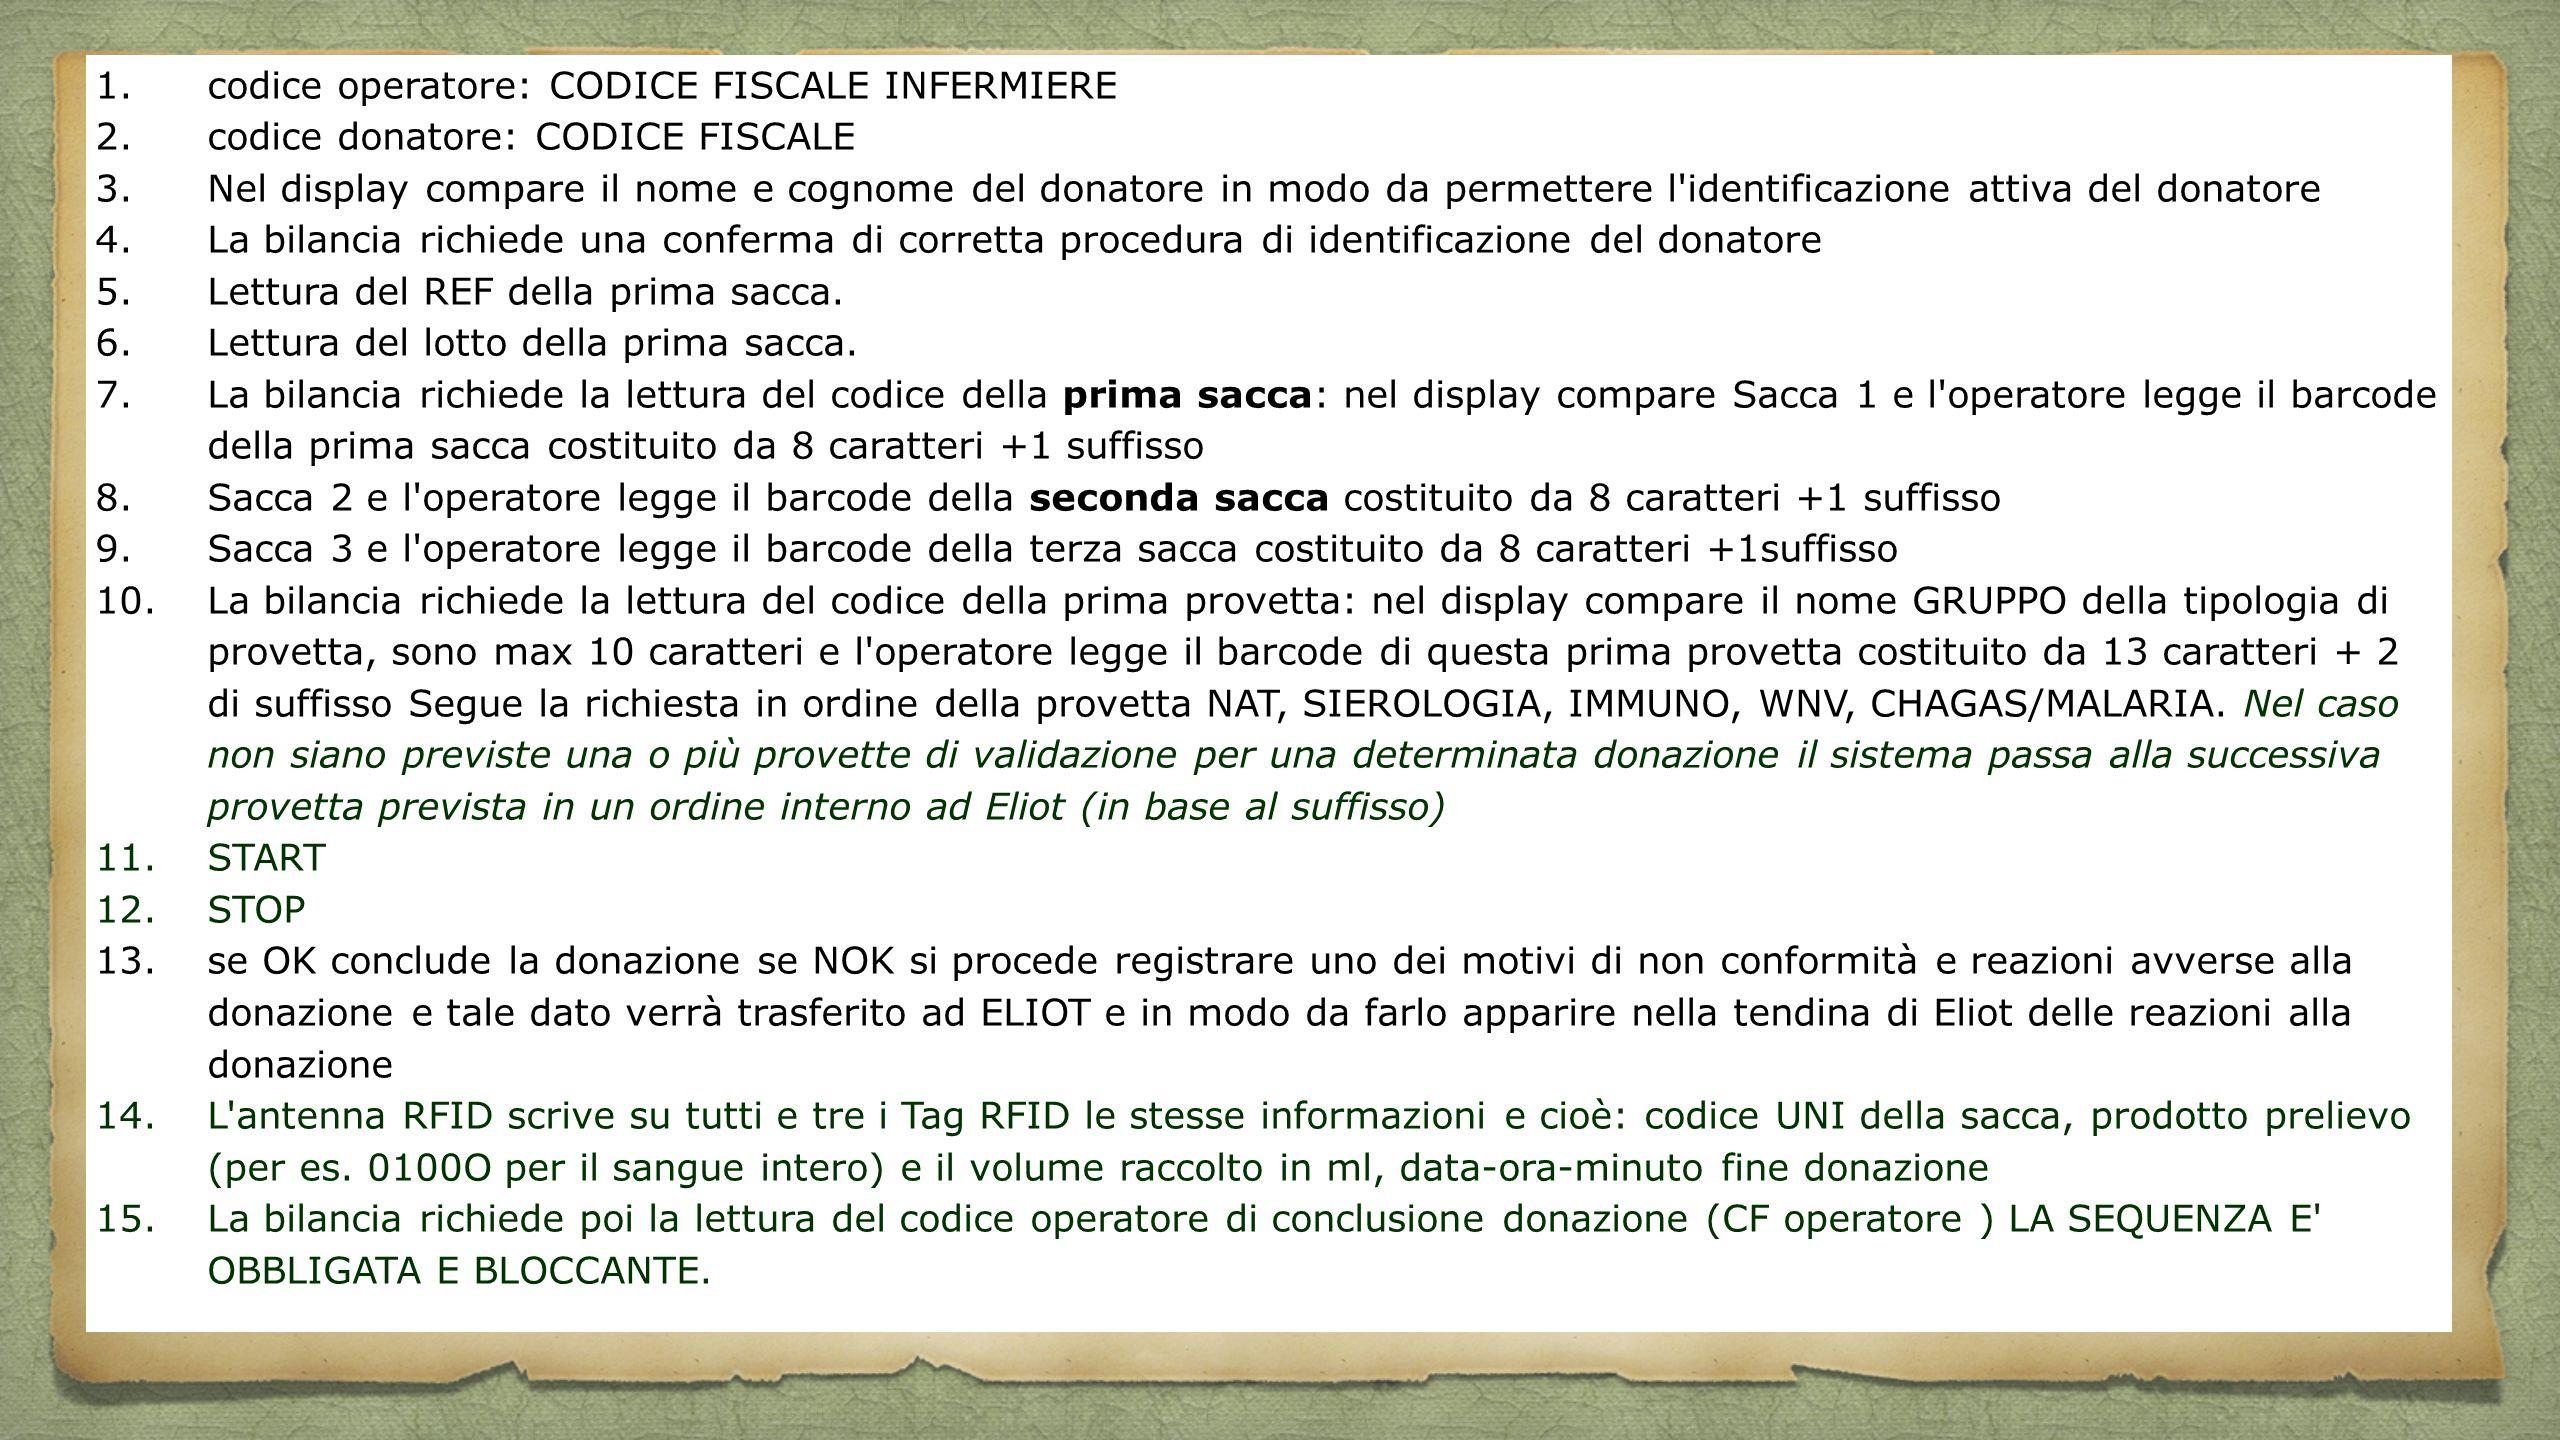 1.codice operatore: CODICE FISCALE INFERMIERE 2.codice donatore: CODICE FISCALE 3.Nel display compare il nome e cognome del donatore in modo da permet